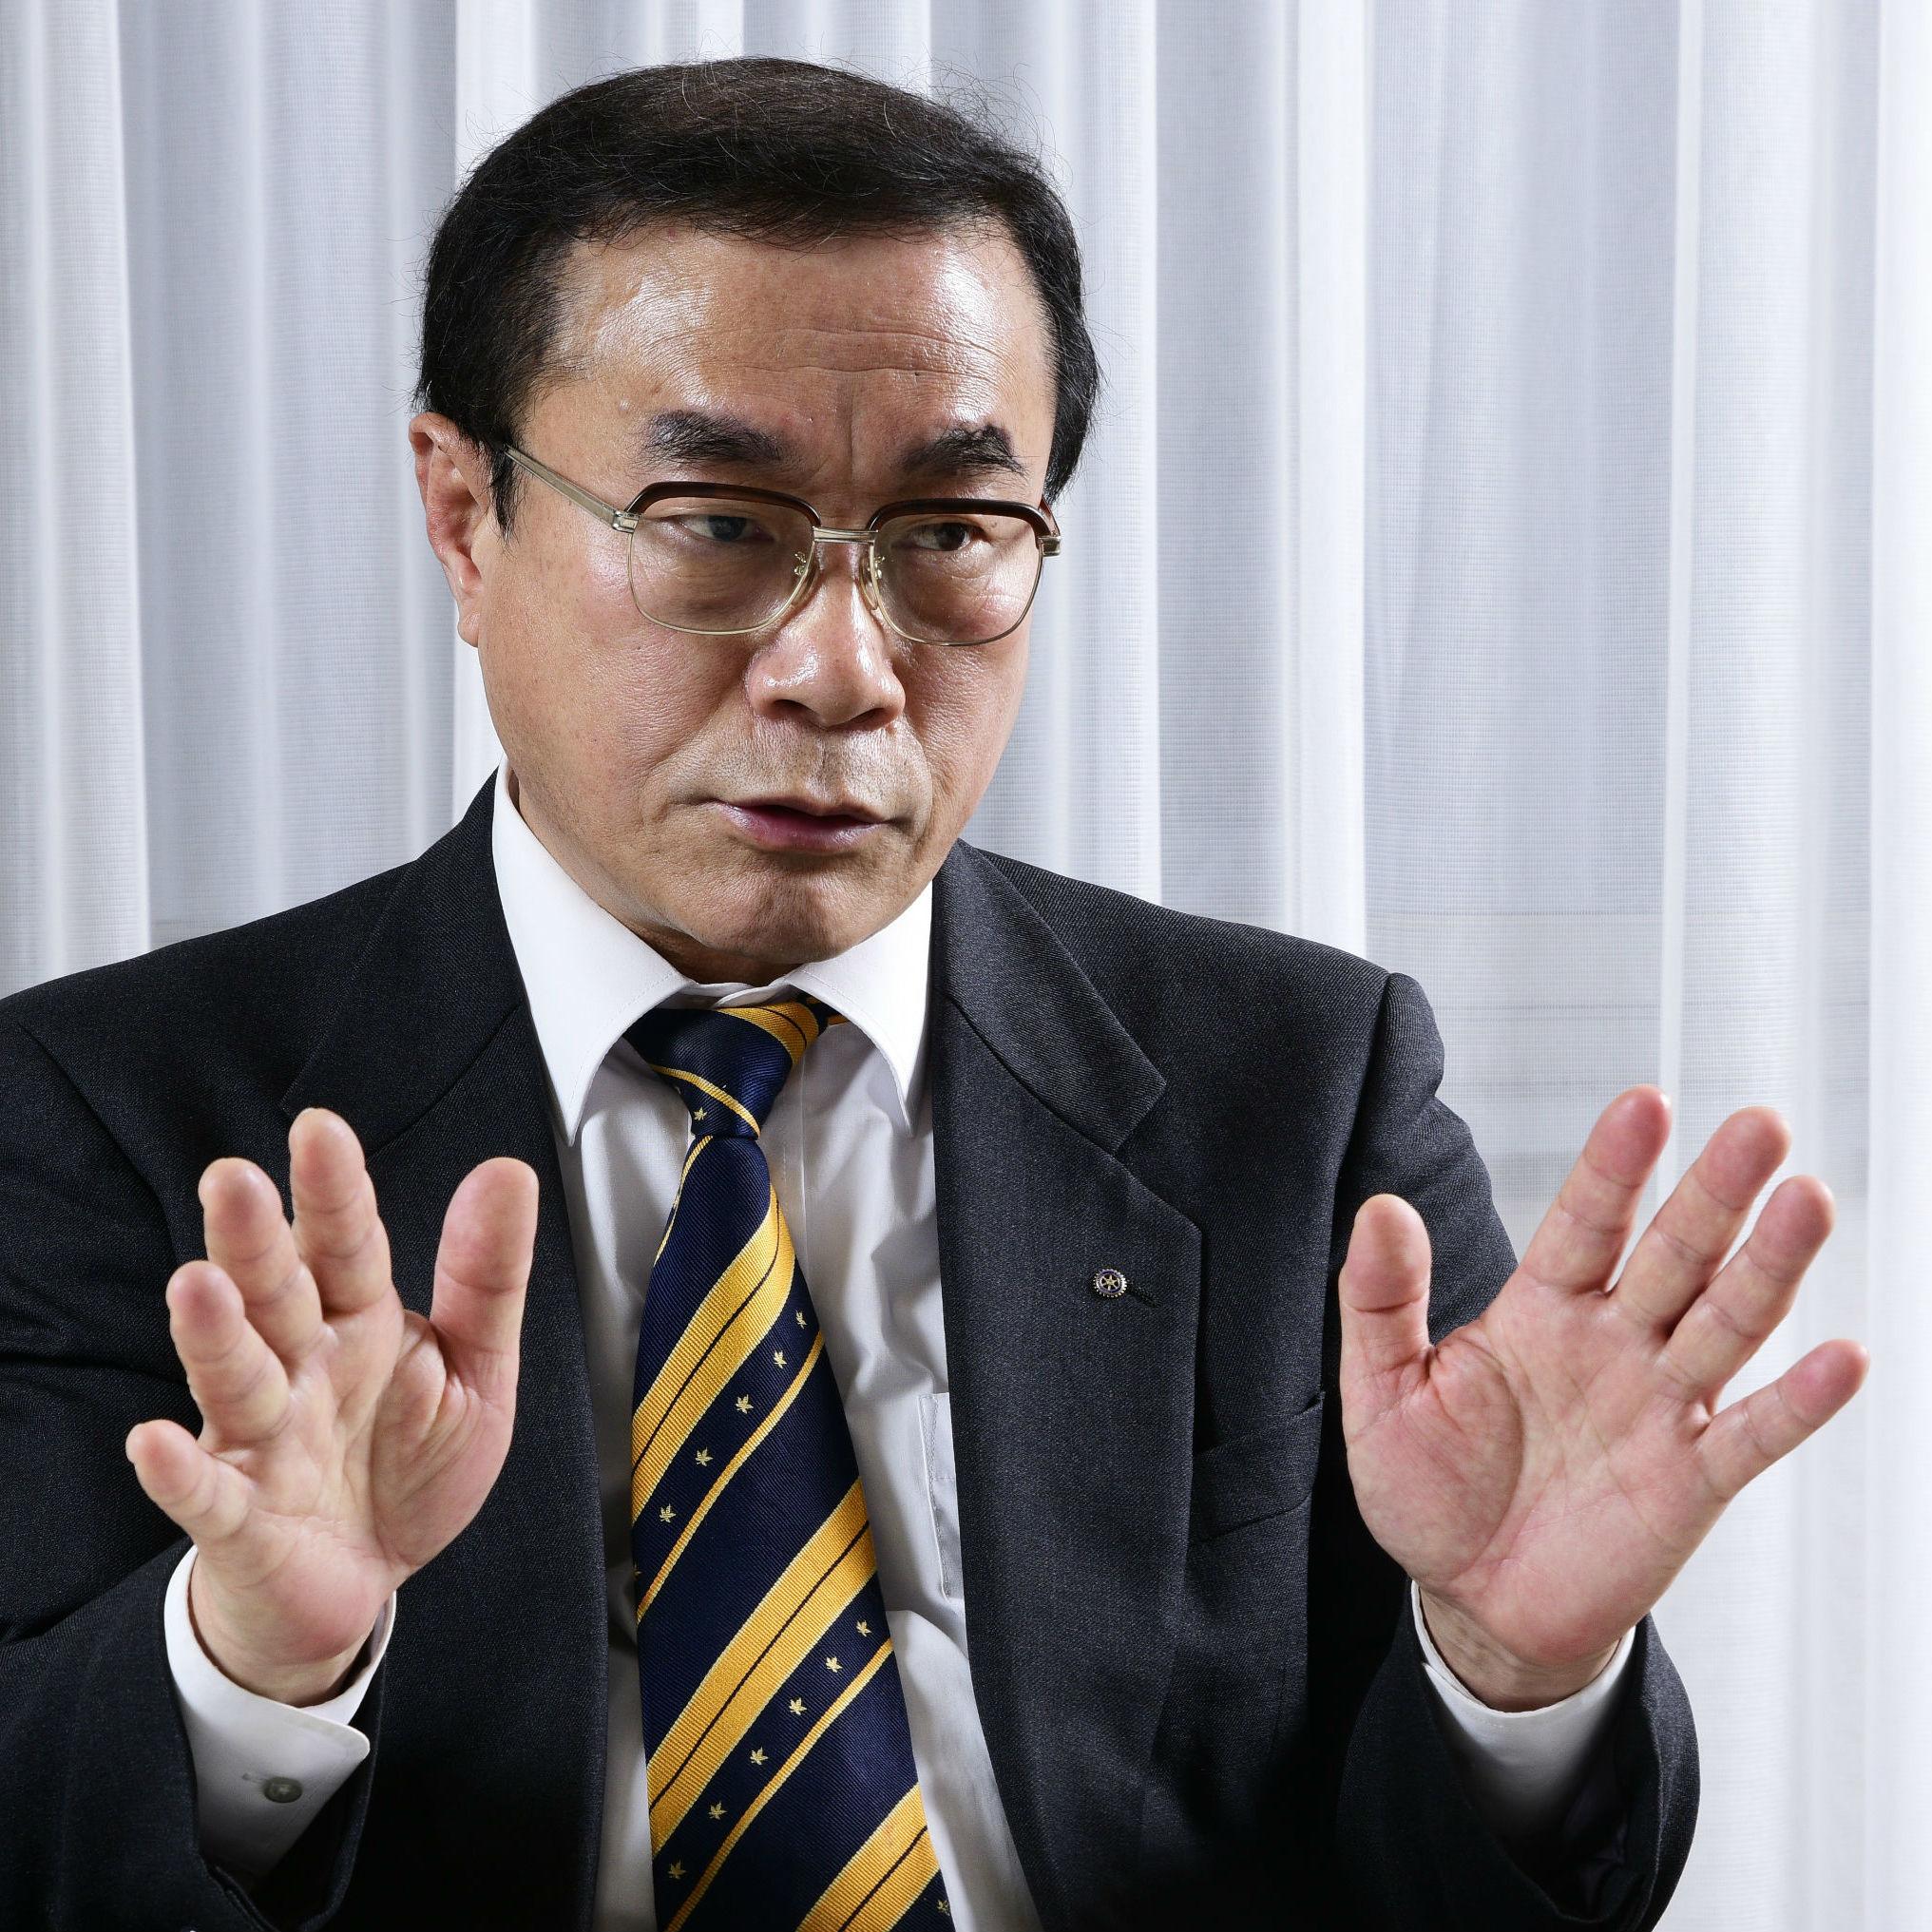 次期韓国大統領候補・文在寅は「従北」「反米」「反日」。親北朝鮮政権の誕生か